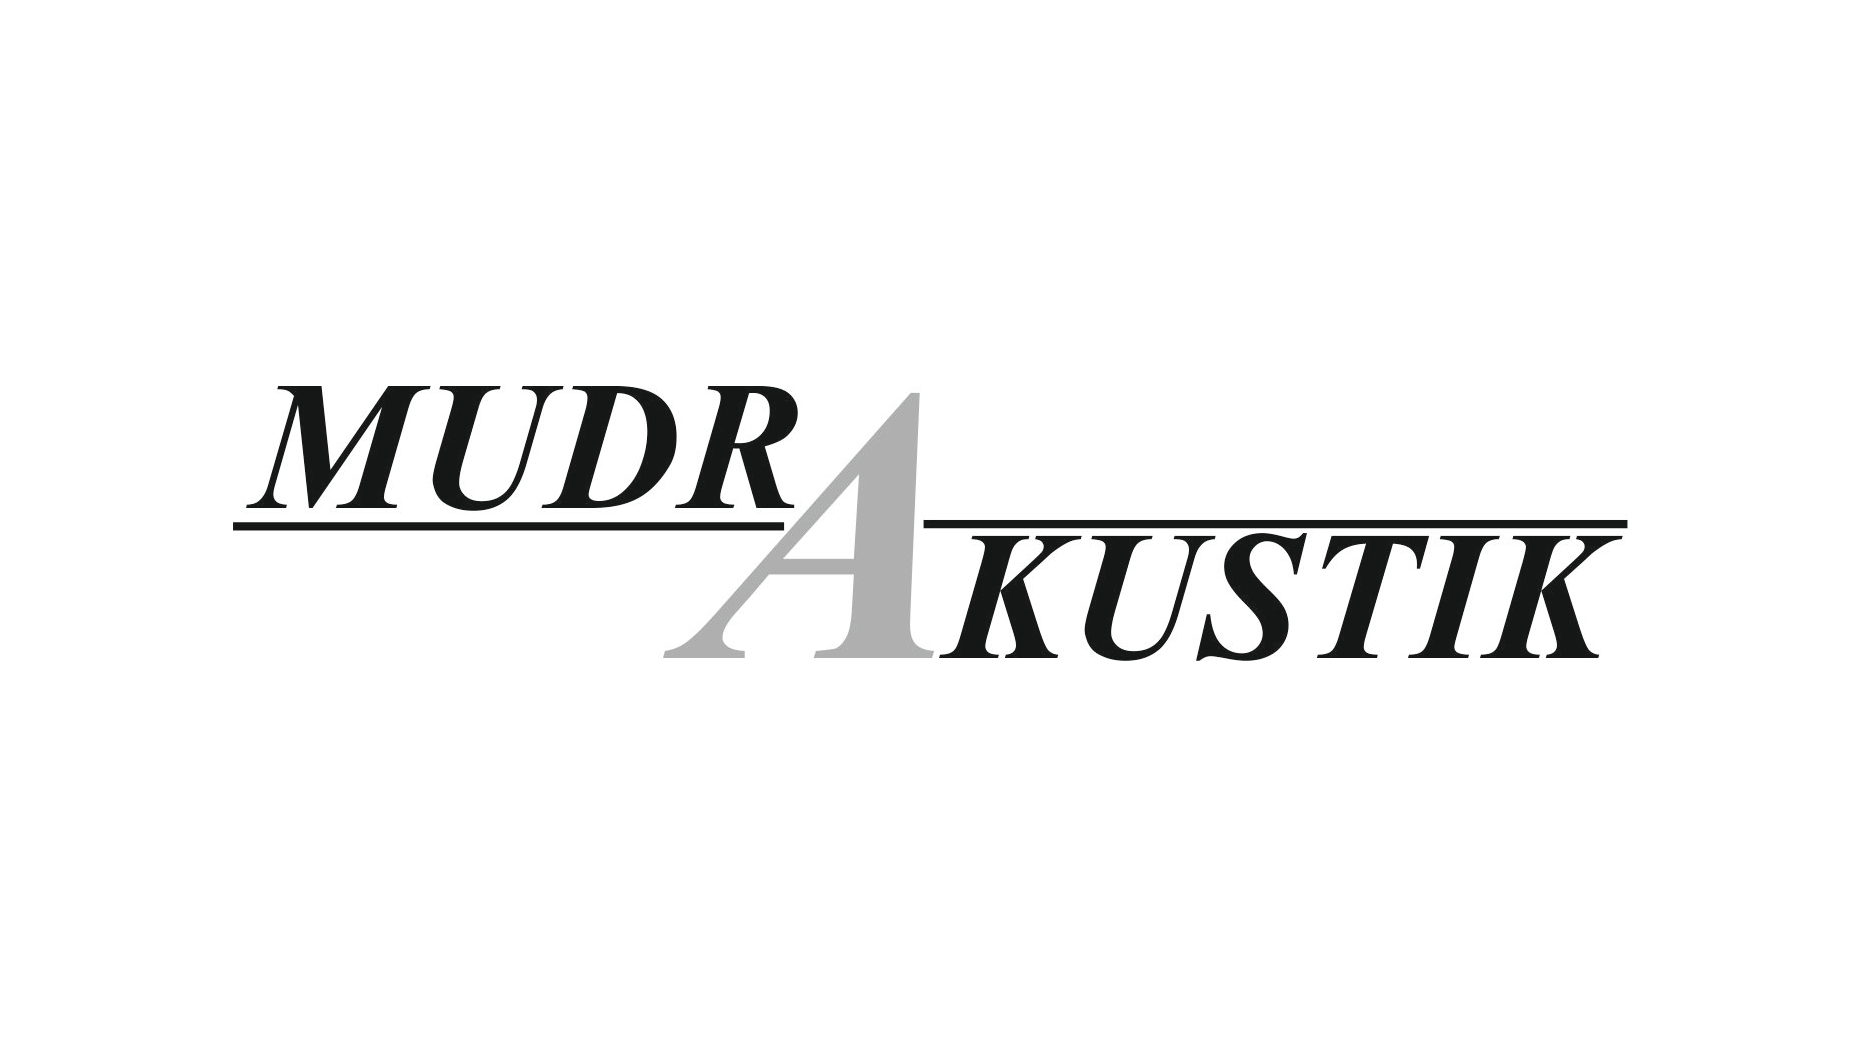 mudra_akustik_logo_43.jpg